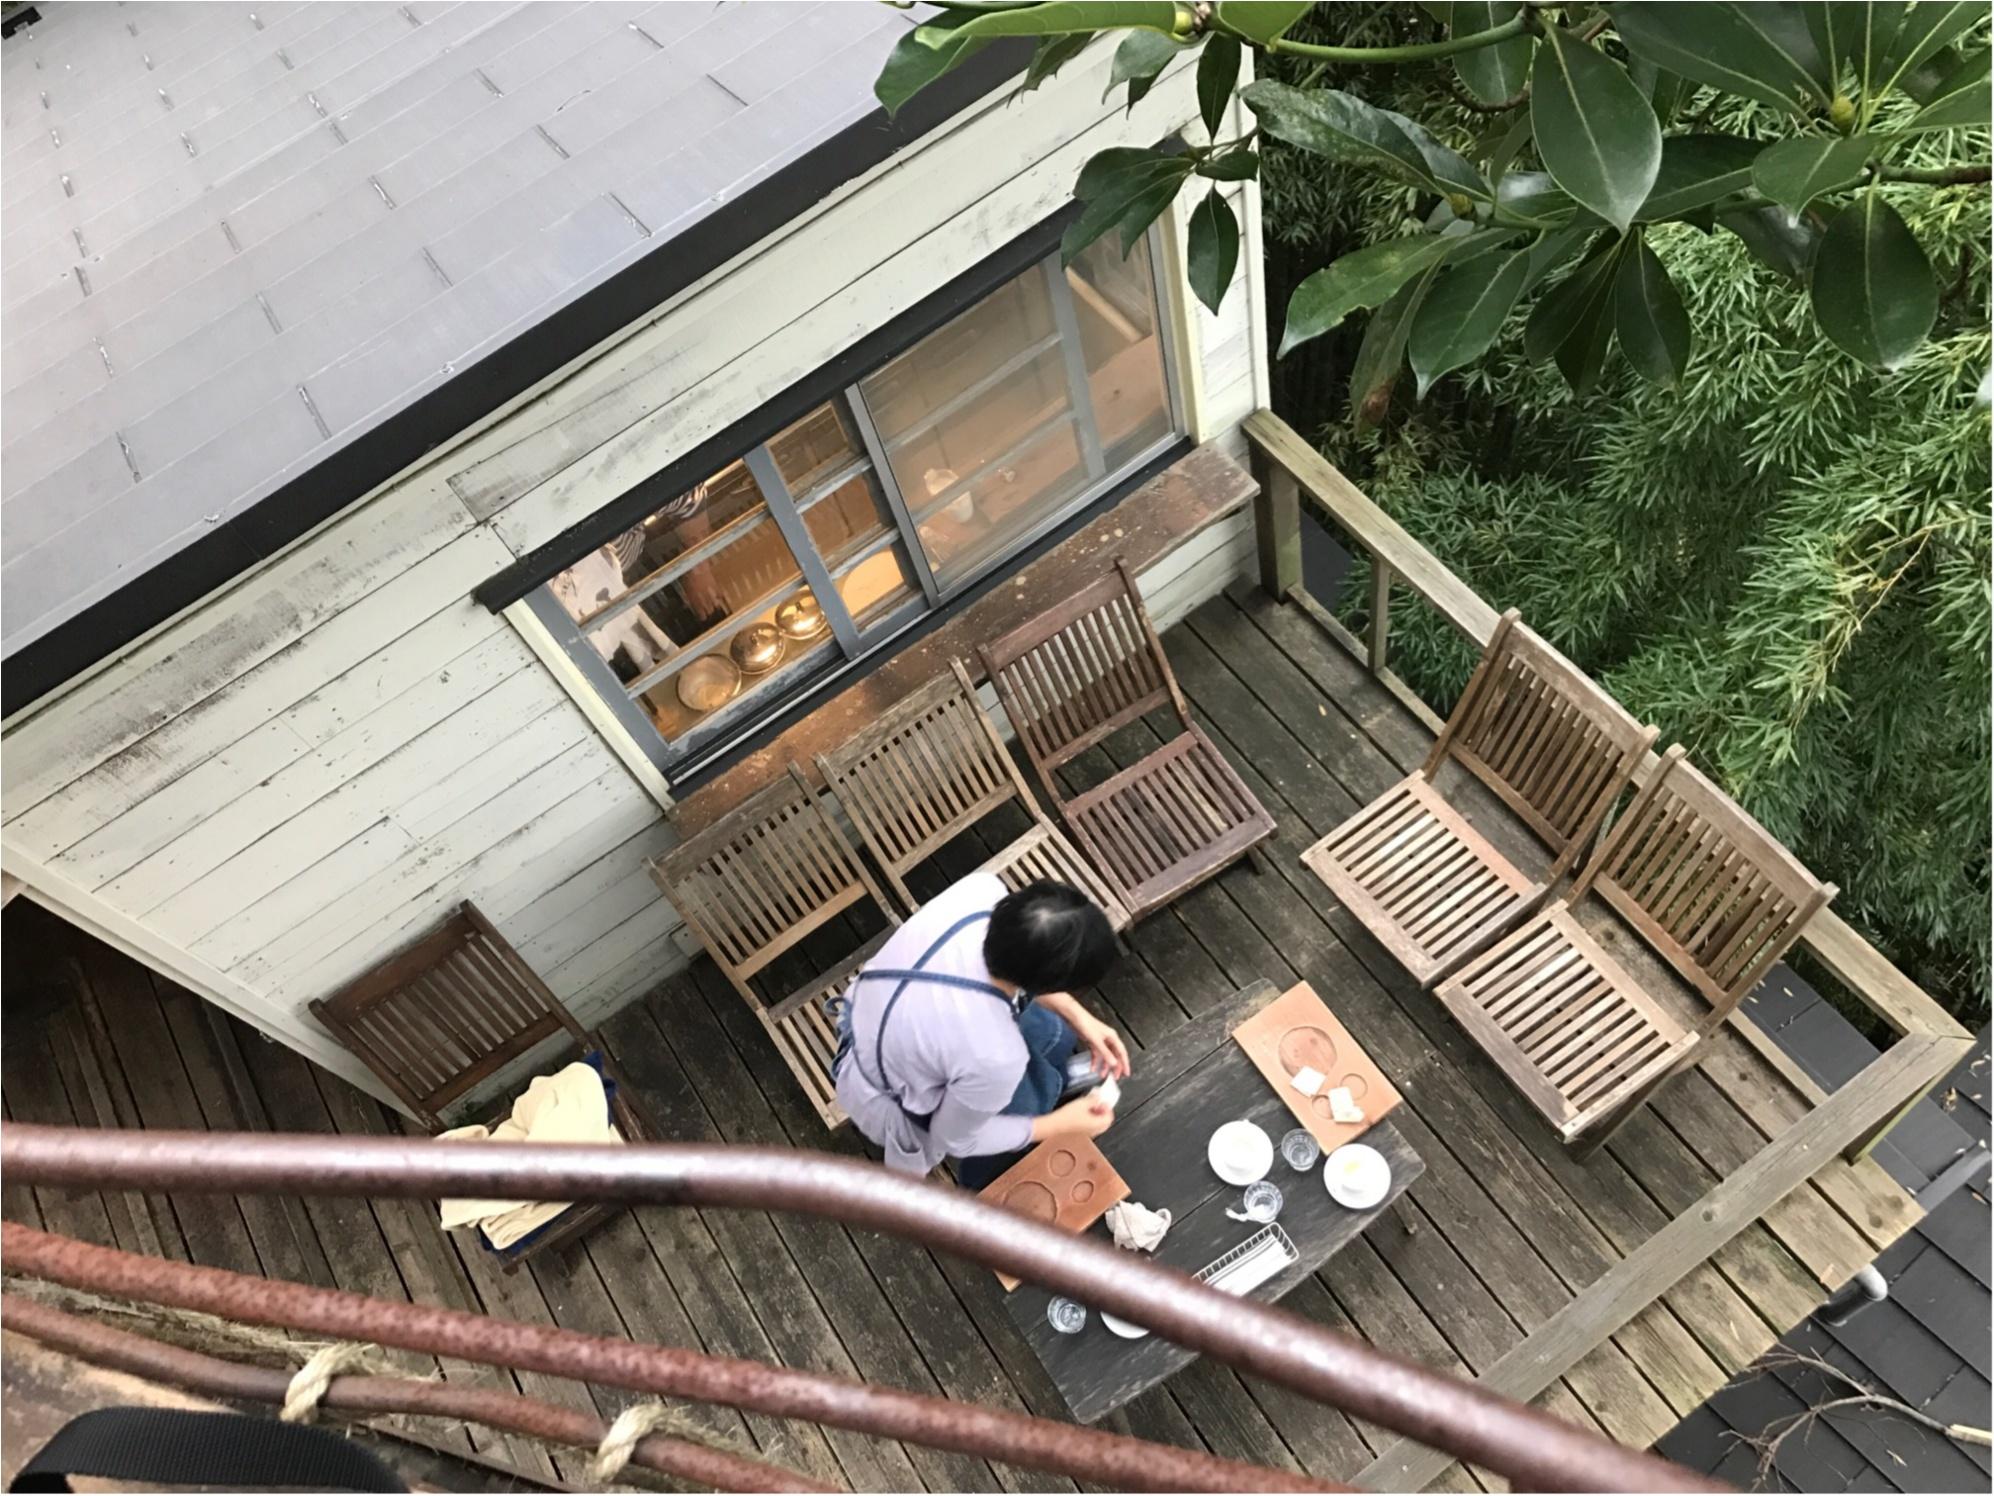 """【ドラマロケ地カフェ】女優水川あさみさん""""シェアハウスの恋人""""で使われたツリーハウスカフェ潜入!オトナの秘密基地発見!限定30食メニュー食べてきました♡♡_9"""